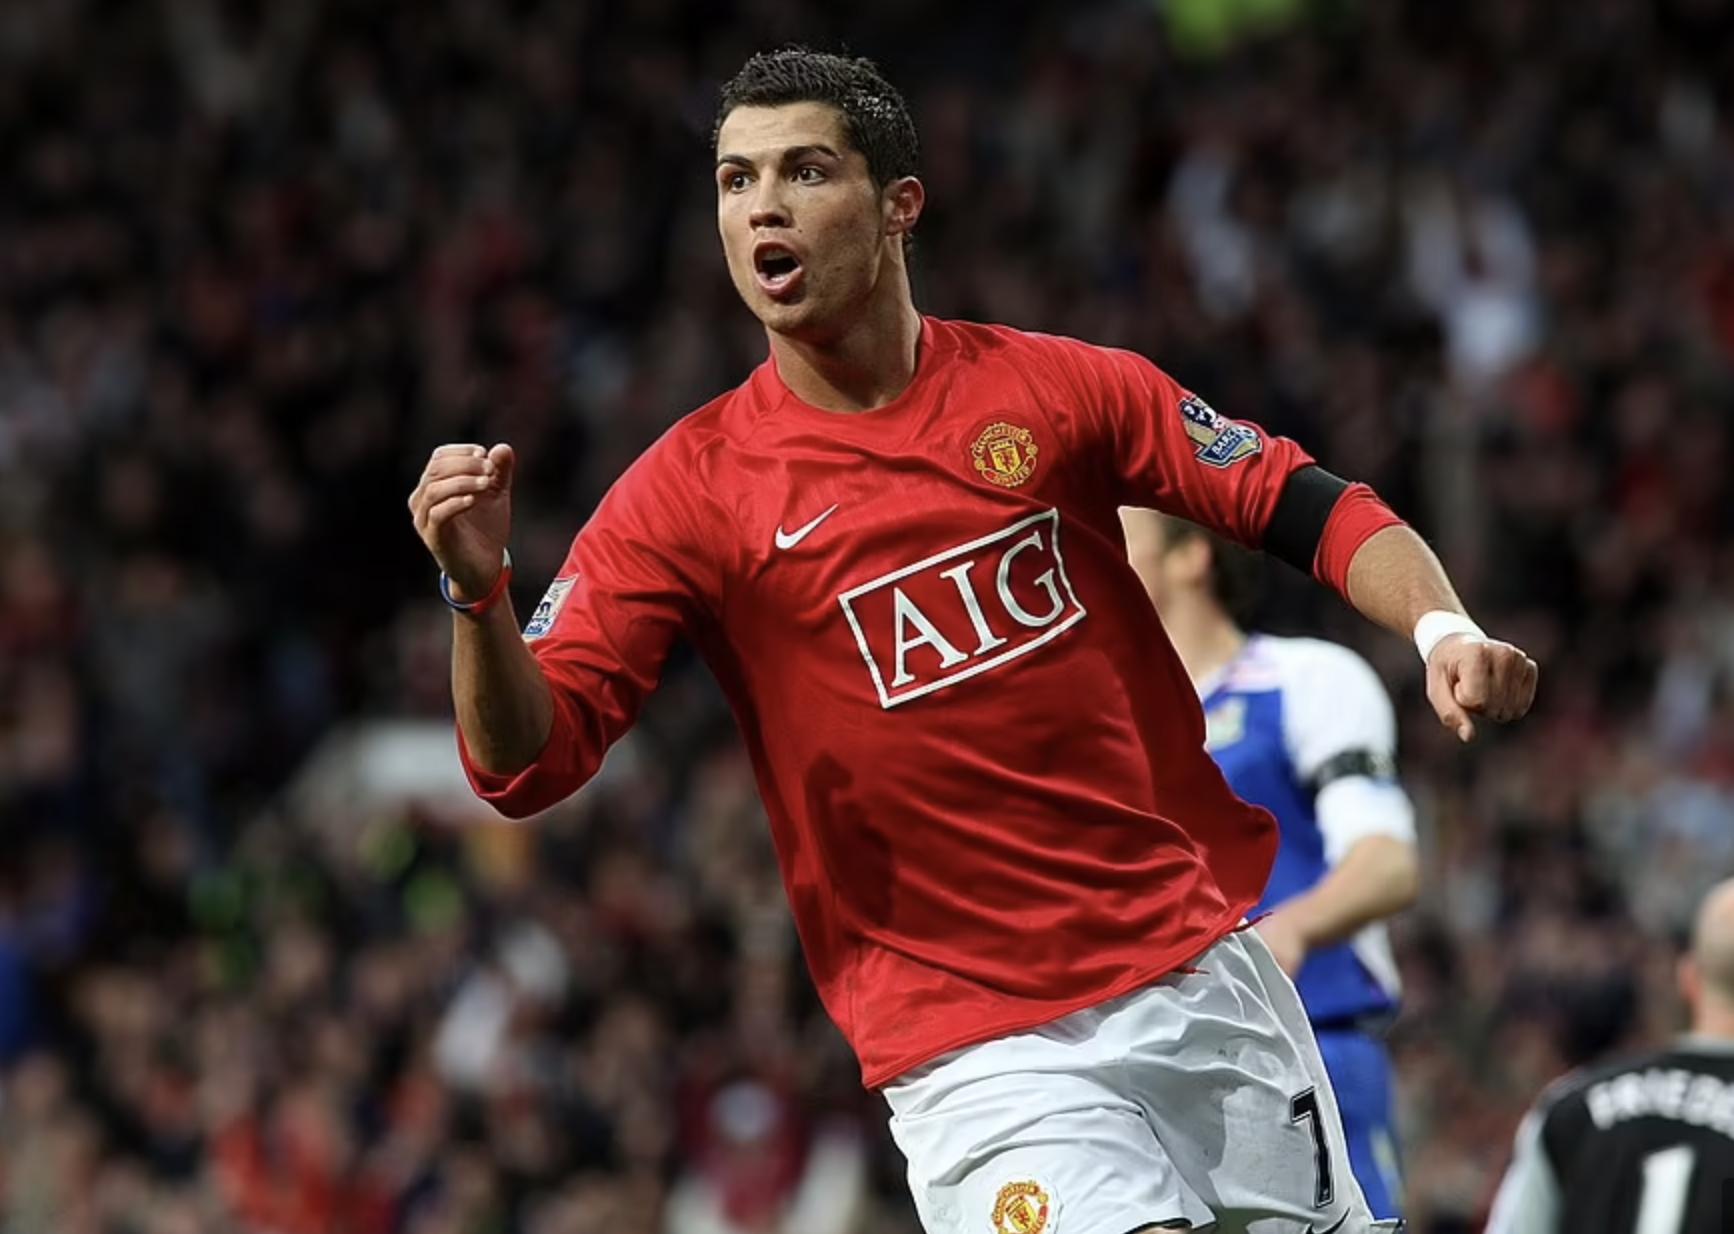 Nhận định bóng đá Man Utd vs Newcastle: Sự trở lại của Ronaldo có làm tăng áp lực cho đội khách trên sân Old Trafford